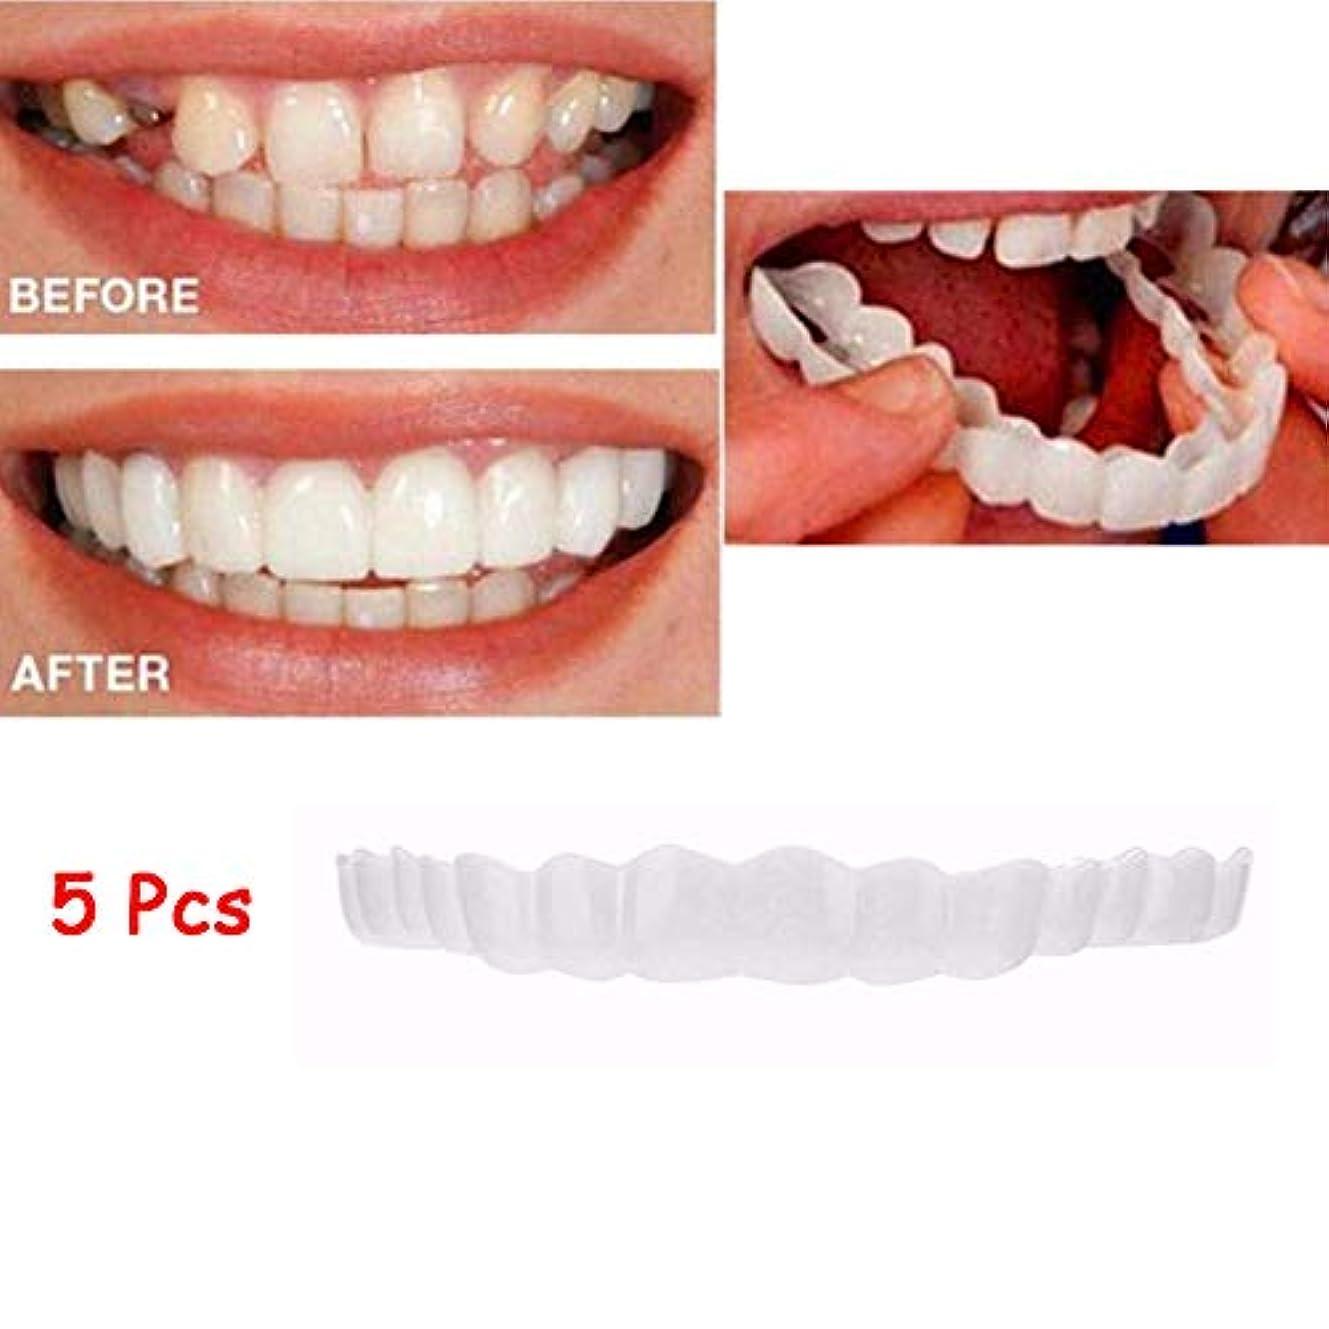 一般的にバット備品5本突き板、化粧品の歯 - 一時的な笑顔の快適さフィットフレックス化粧品の歯ワンサイズは最も快適な歯のベニーにフィット